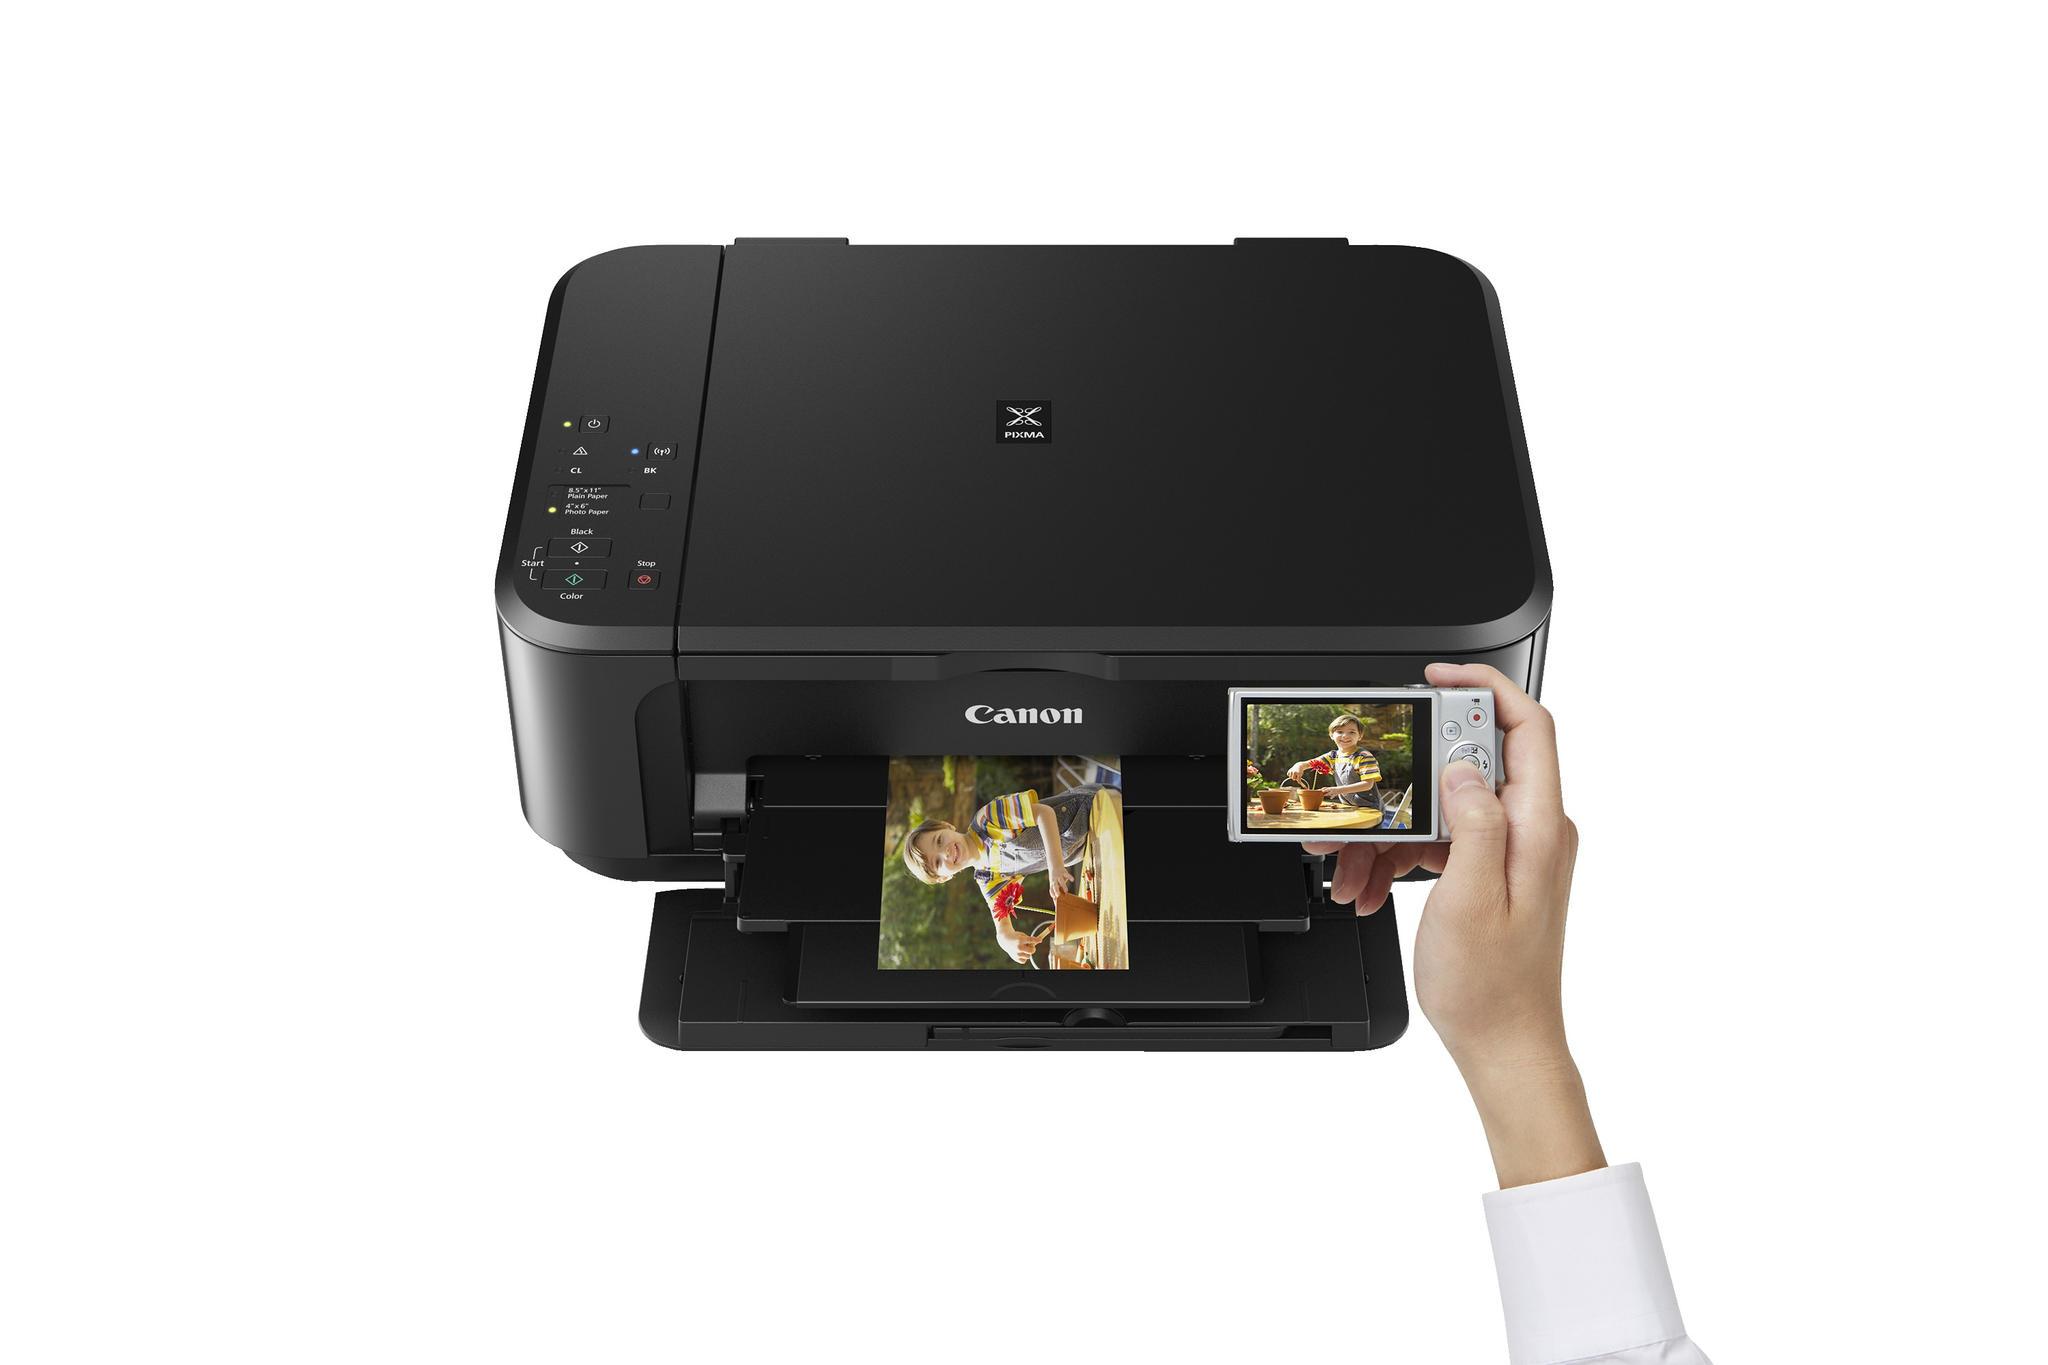 Canon Pixma MG3650 printer - 0515C006